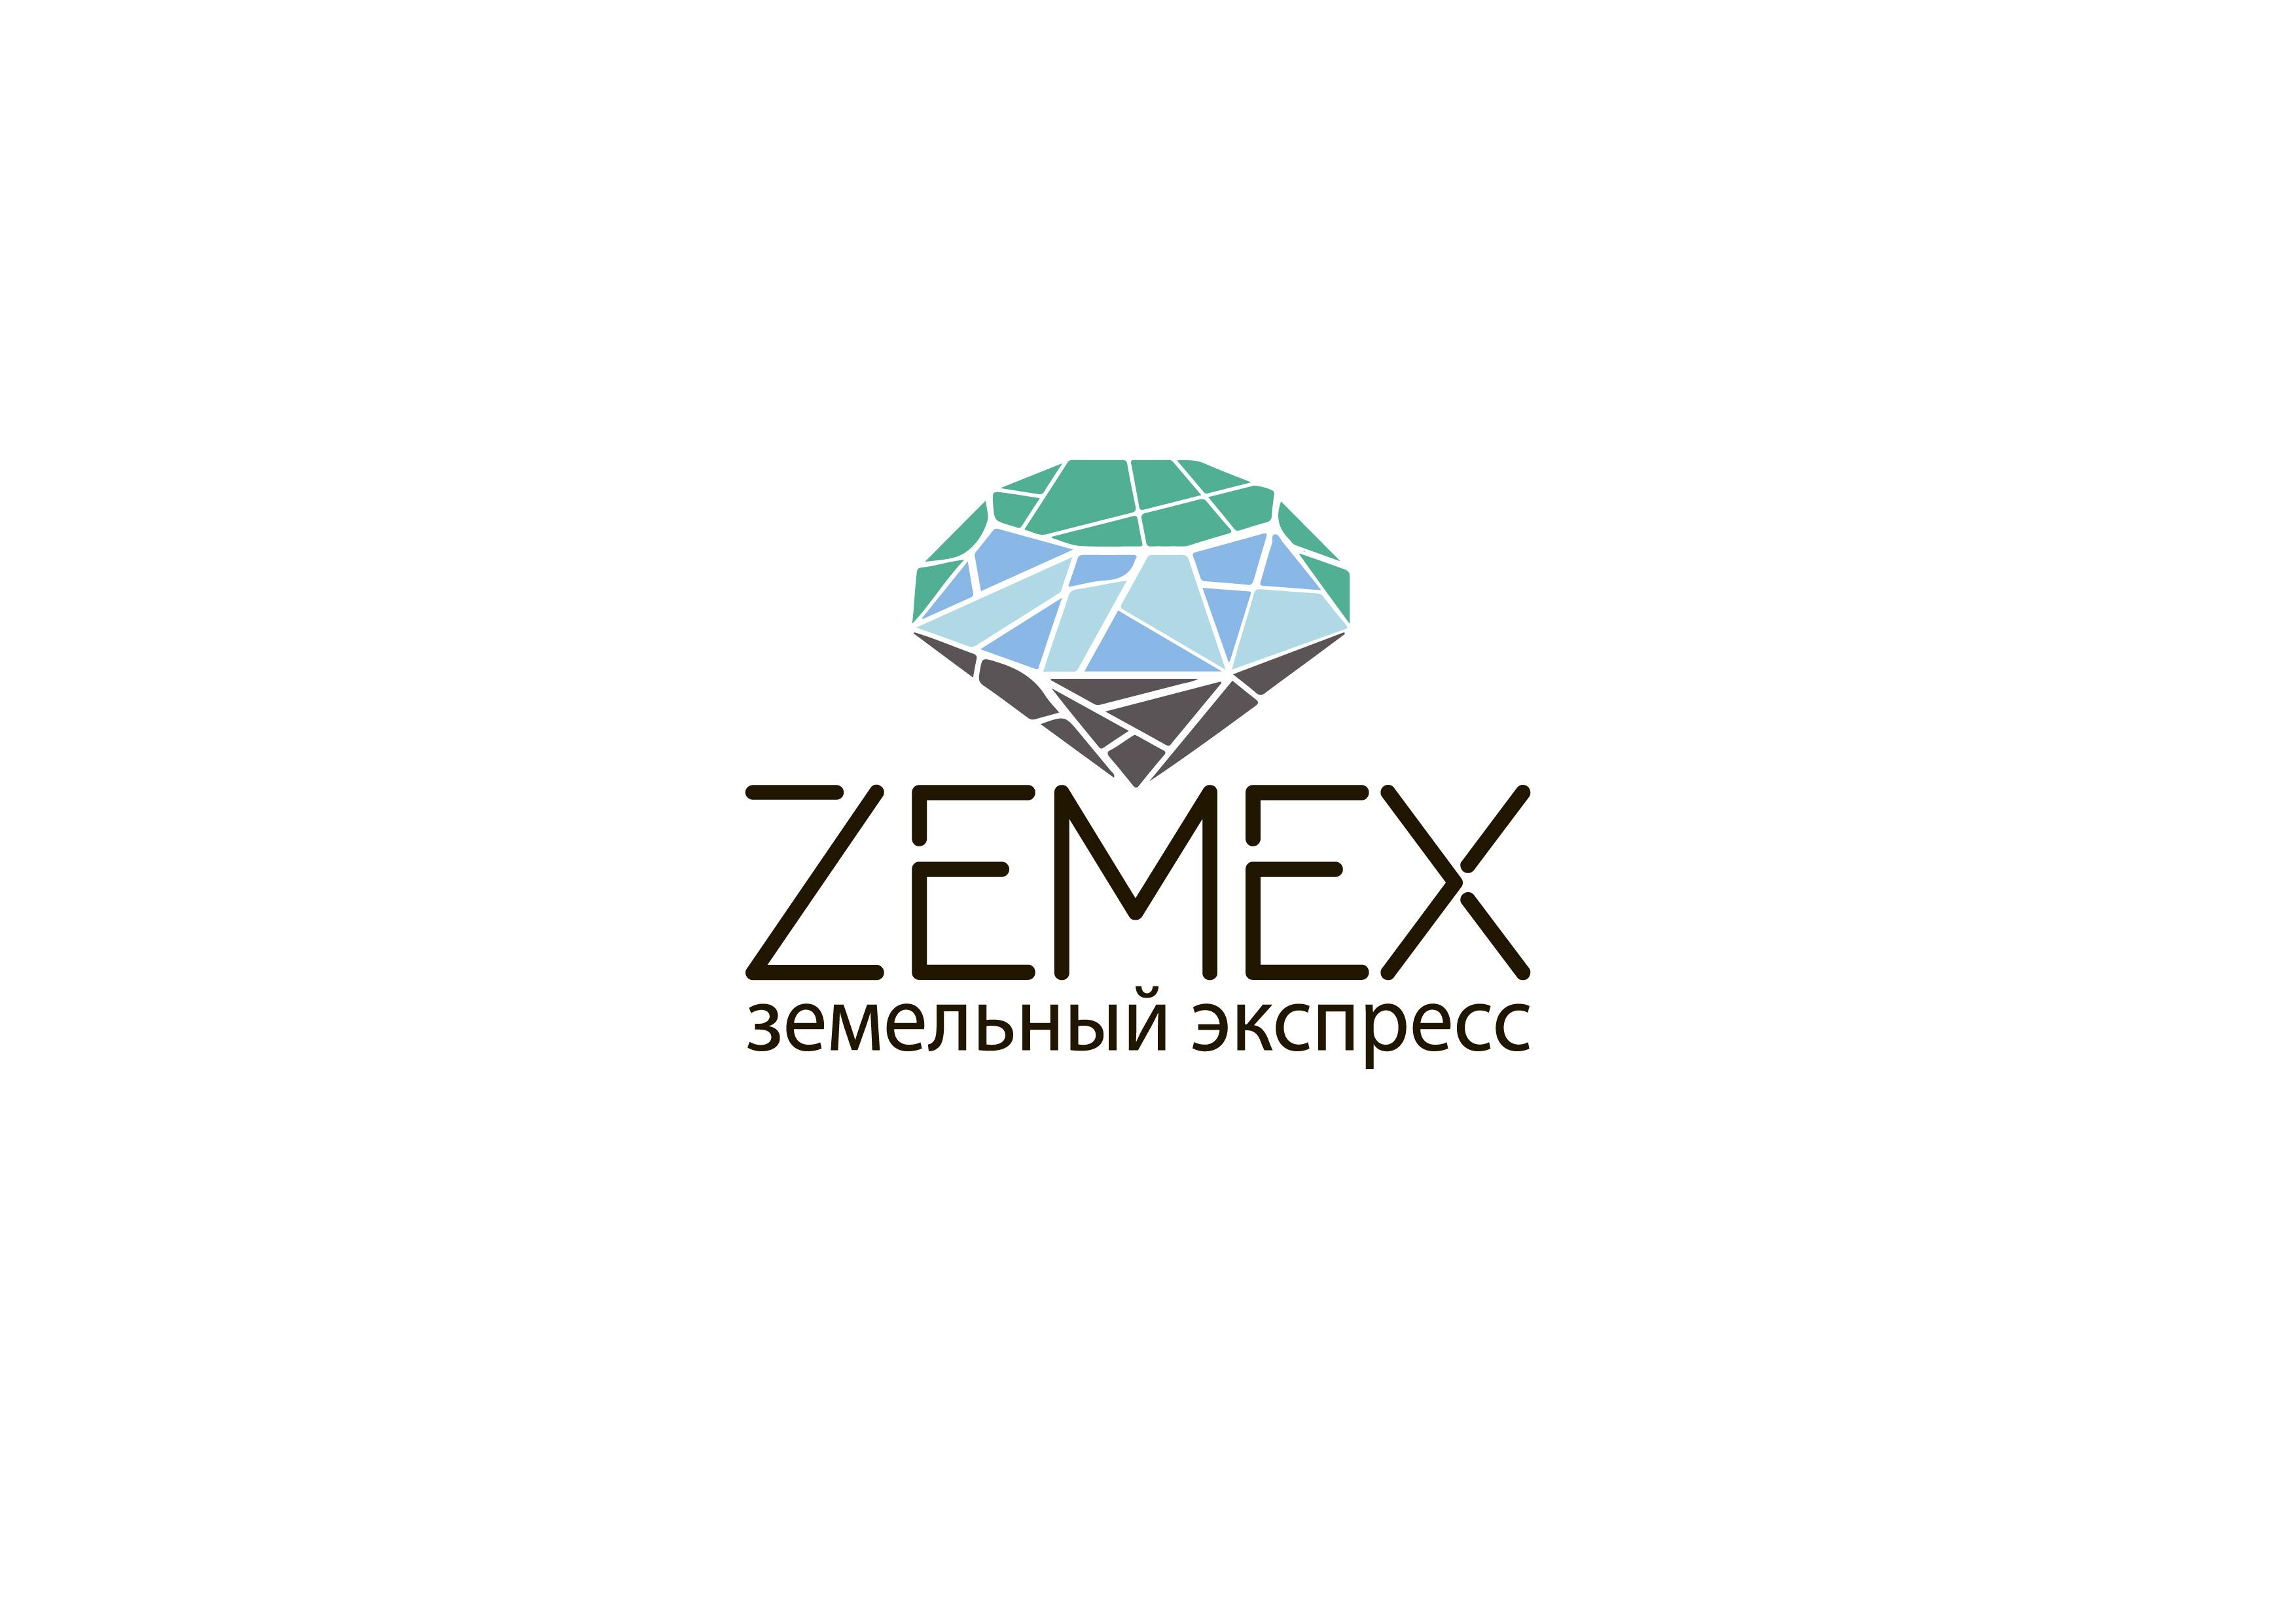 Создание логотипа и фирменного стиля фото f_75159ee620982c41.jpg